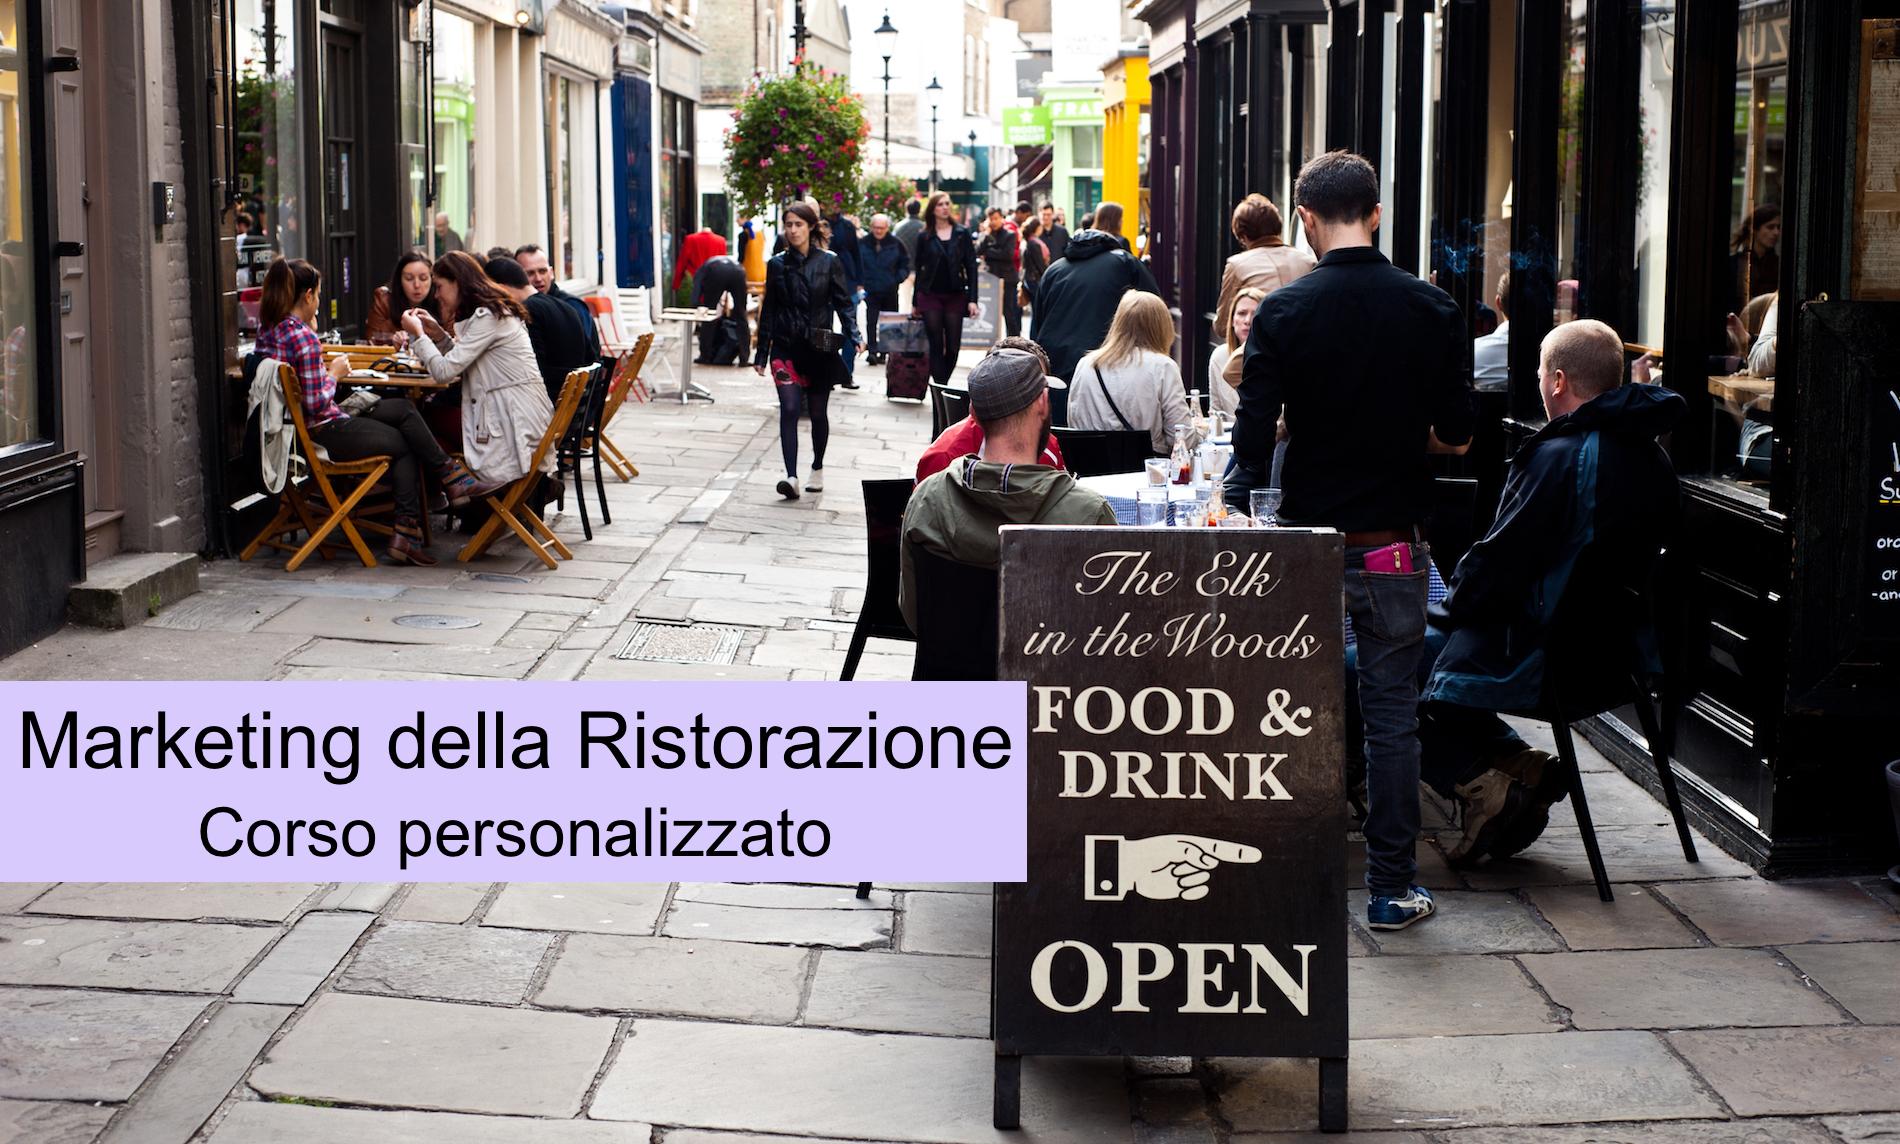 Un corso di marketing per la ristorazione, in versione personalizzata, per avere il locale pieno di clienti.